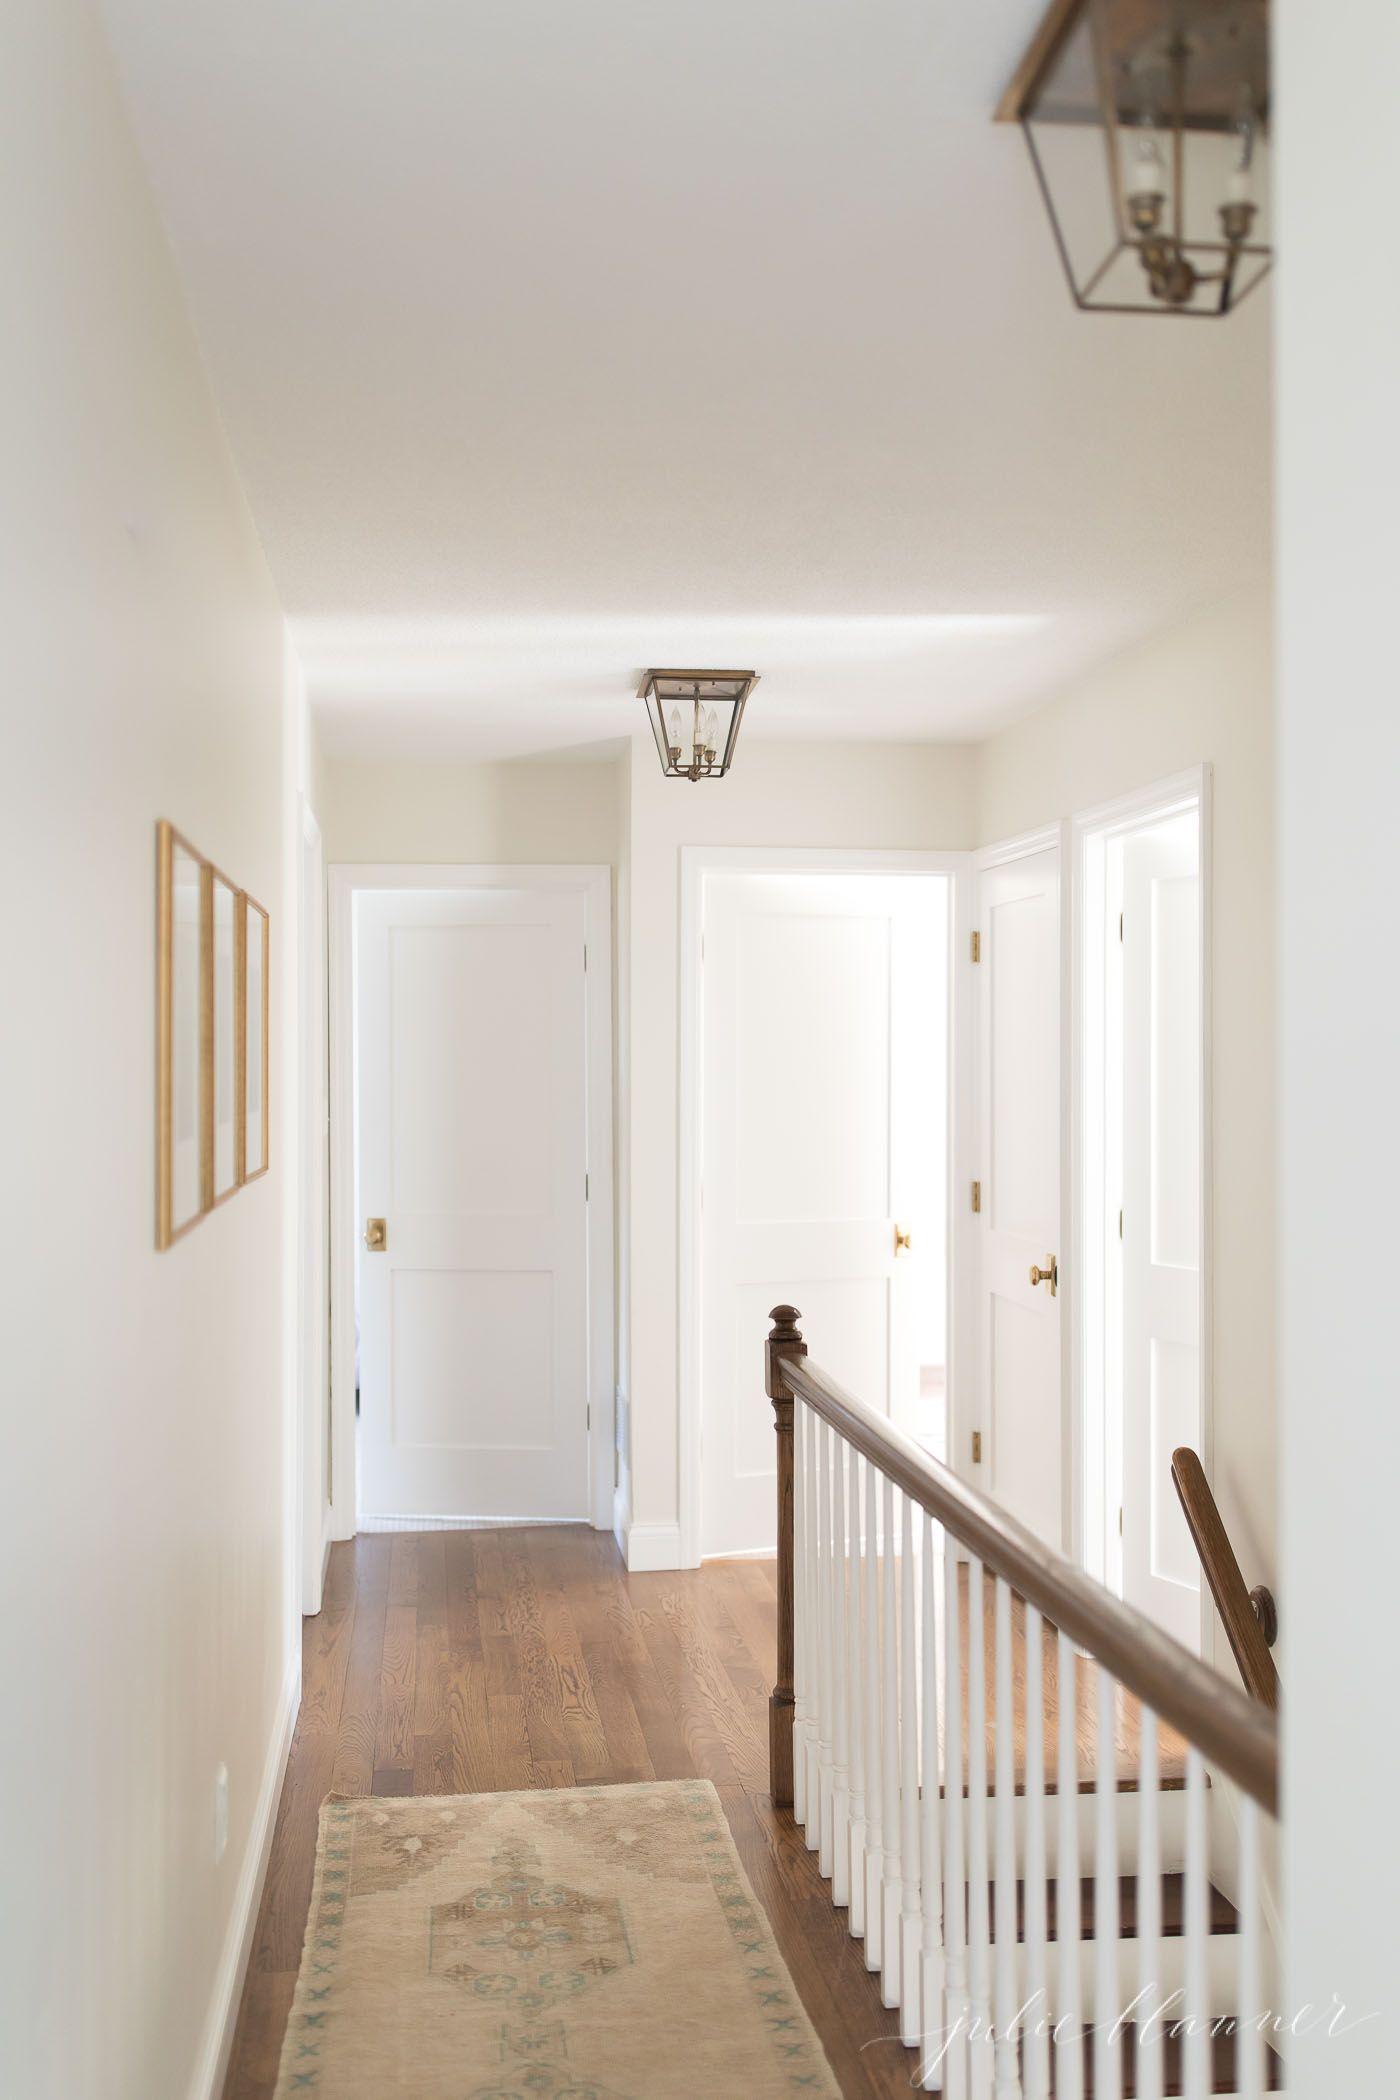 Trim Paint (Painting Trim White) trim paint for doors